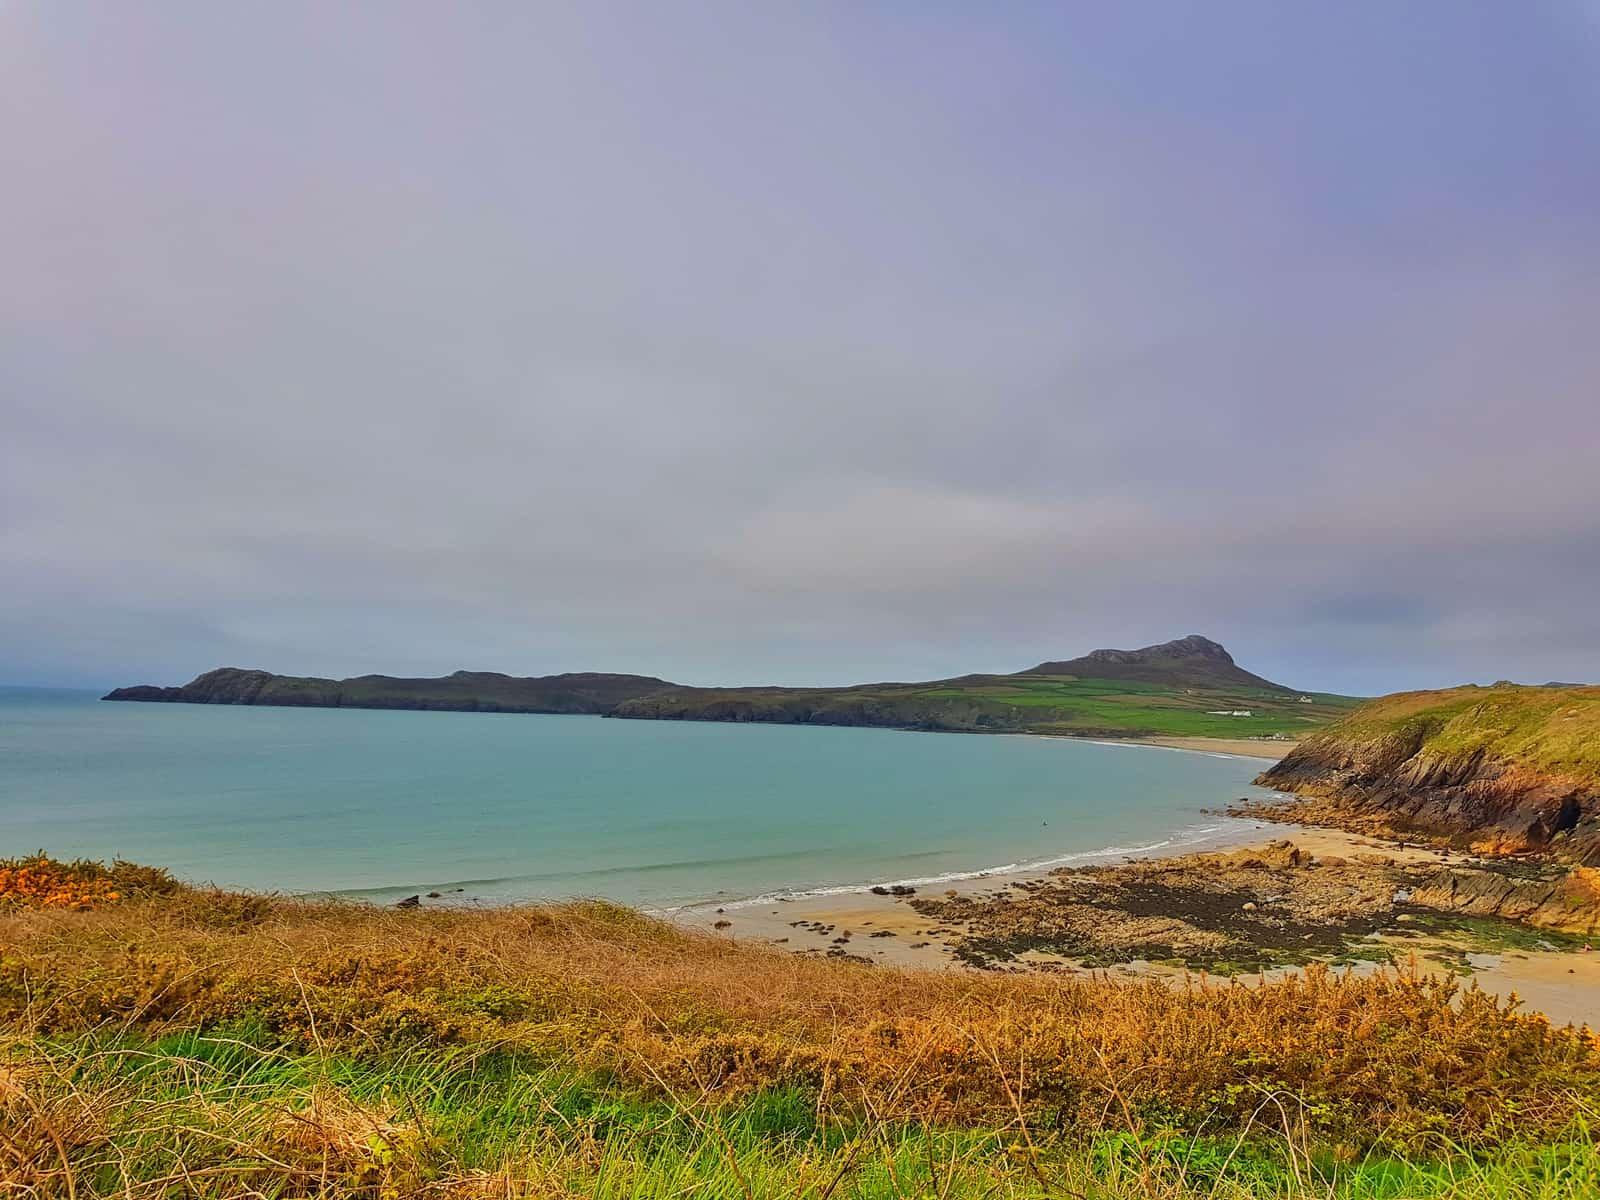 A view of blue sea and Porthsele, a Pembrokeshire beach near Pencarnan farm